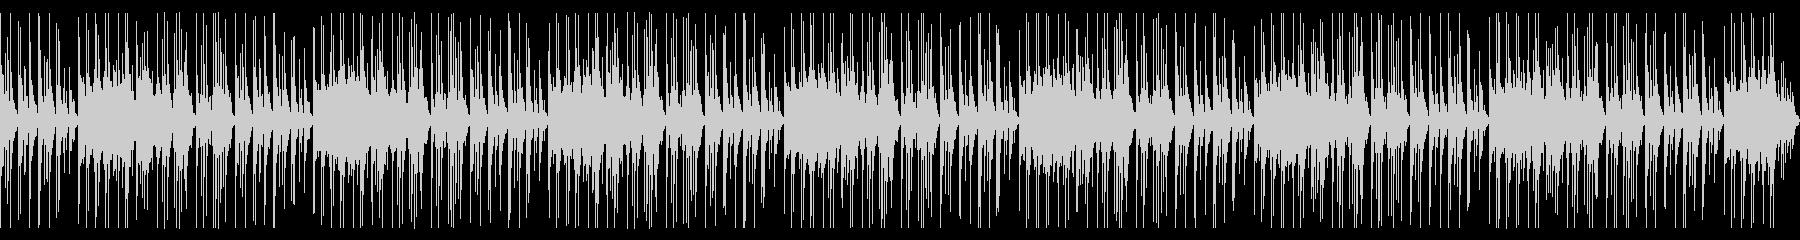 癒される揚琴のヒーリングミュージックの未再生の波形